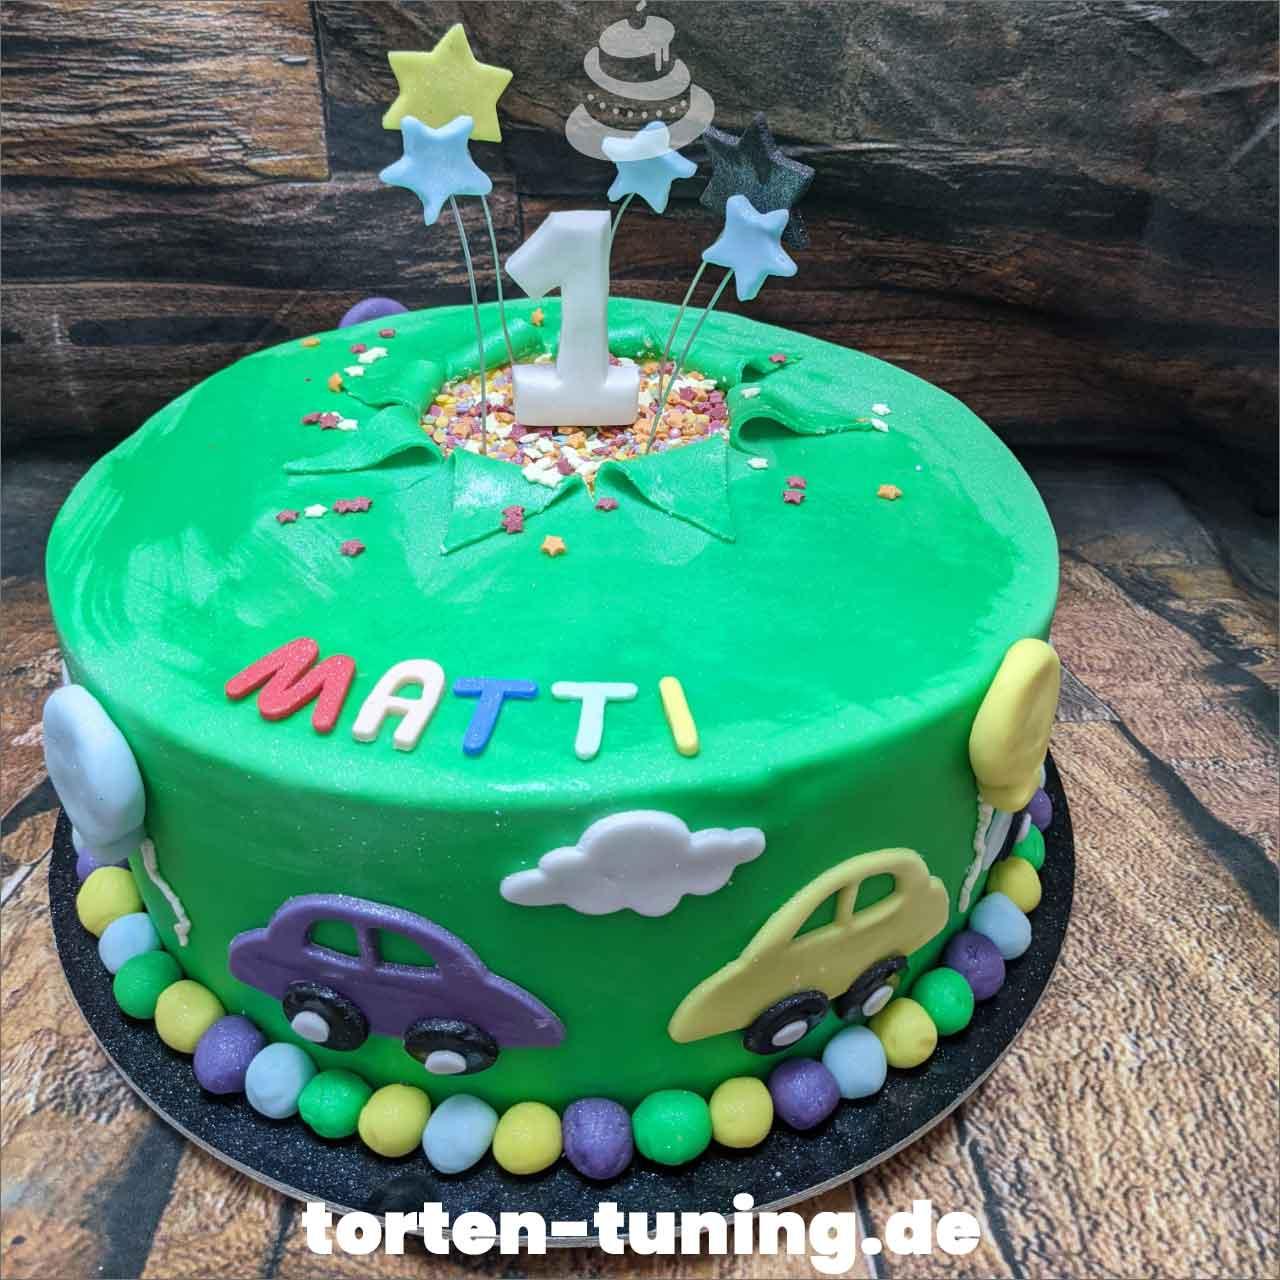 1. Geburtstag Dripcake Obsttorte Geburtstagstorte Motivtorte Torte Tortendekoration Torte online bestellen Suhl Thüringen Torten Tuning Sahnetorte Tortenfiguren Cake Topper